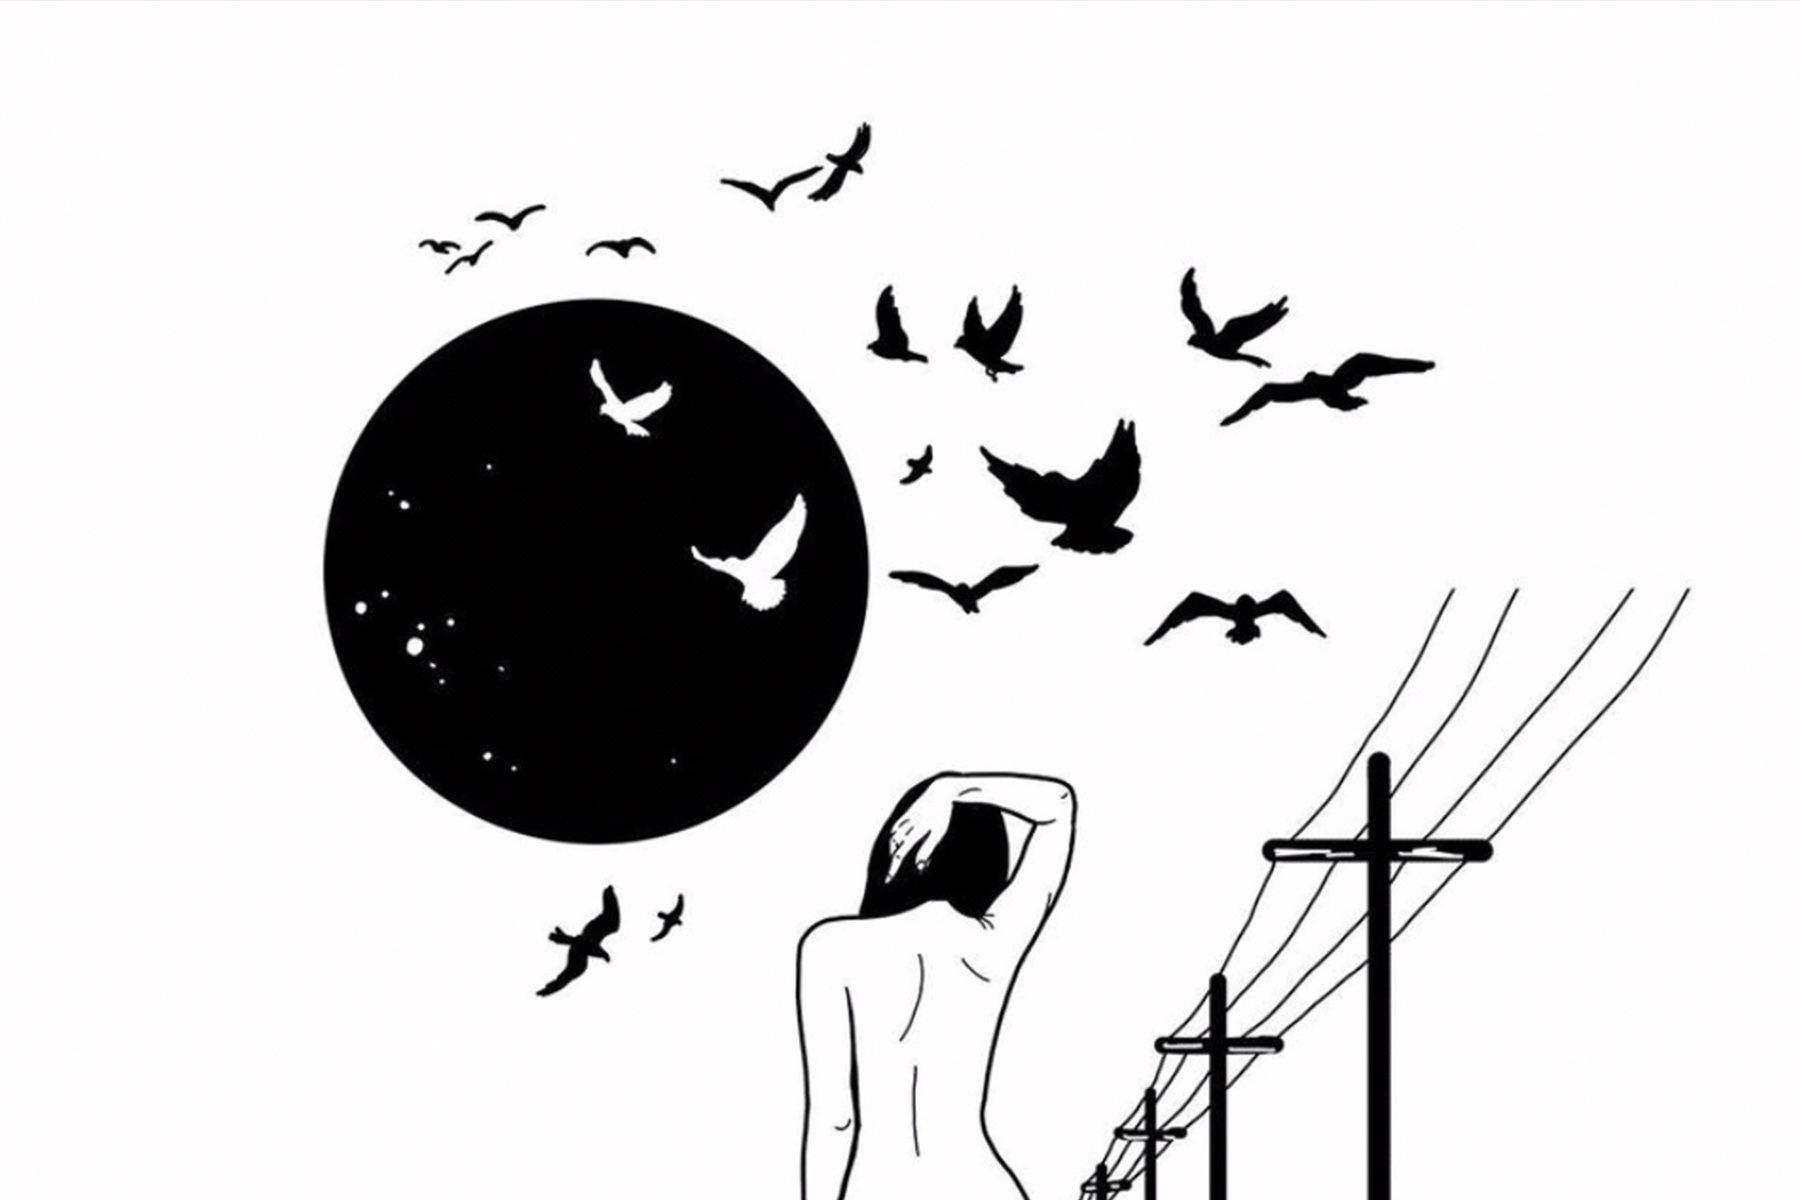 February 2021 New Moon in Aquarius Horoscopes